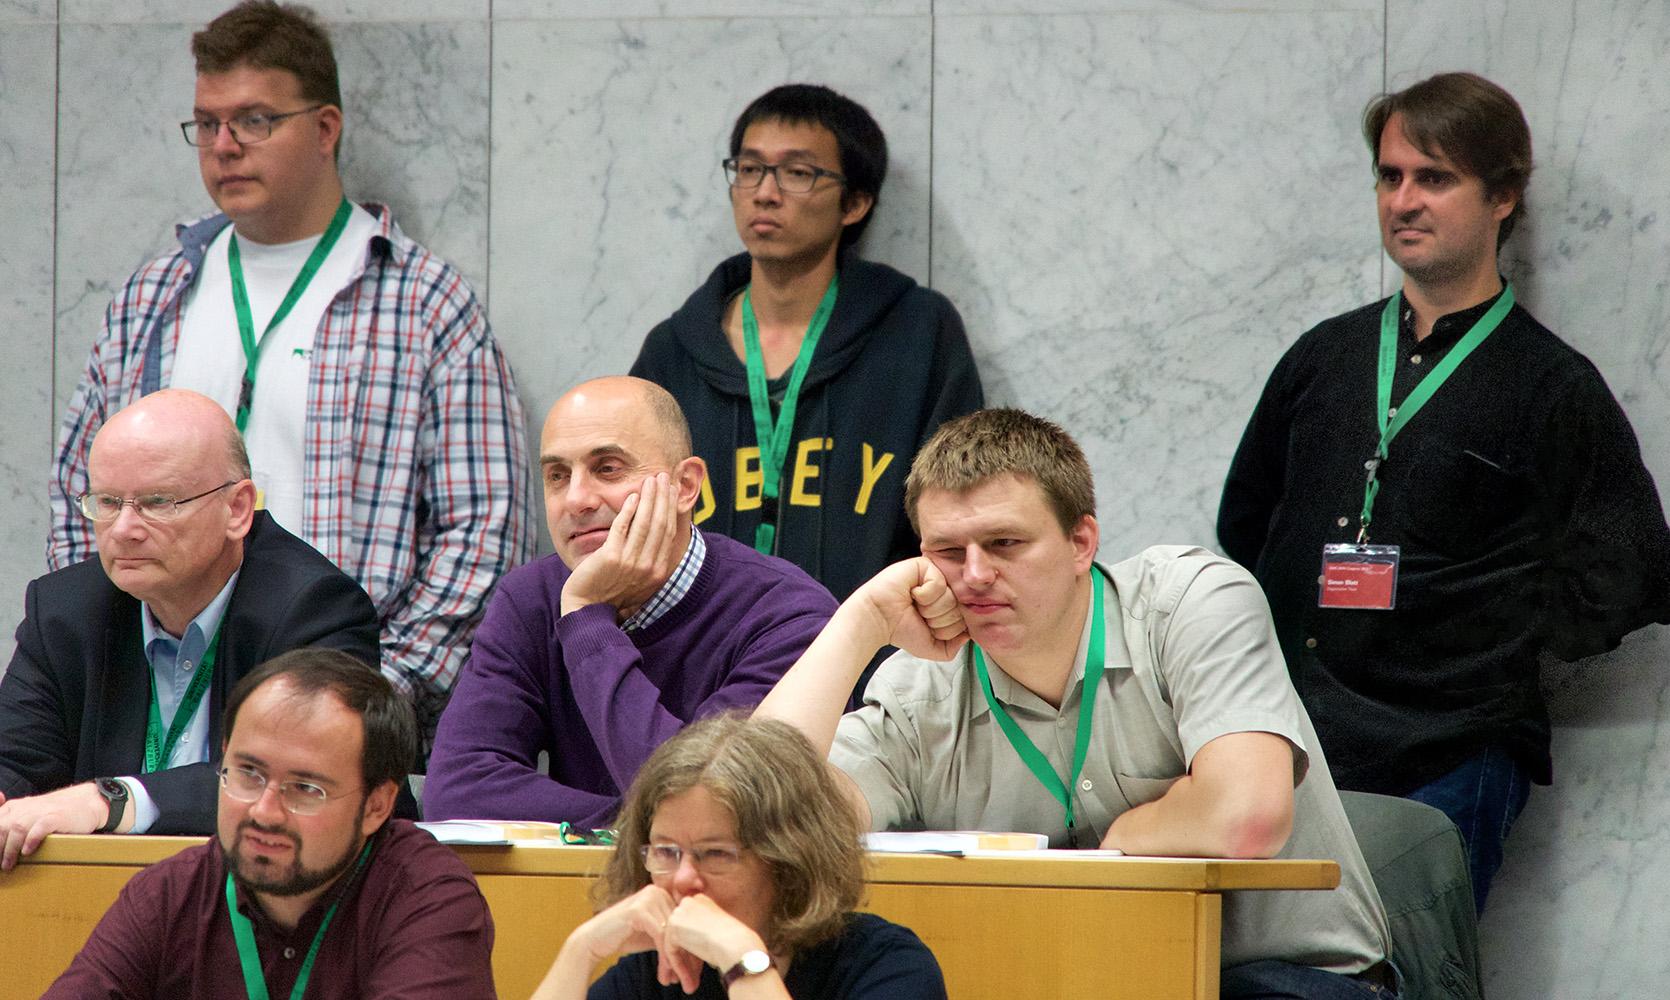 Teilnehmer/innen des ÖMG-DMV-Kongresses im Audimax